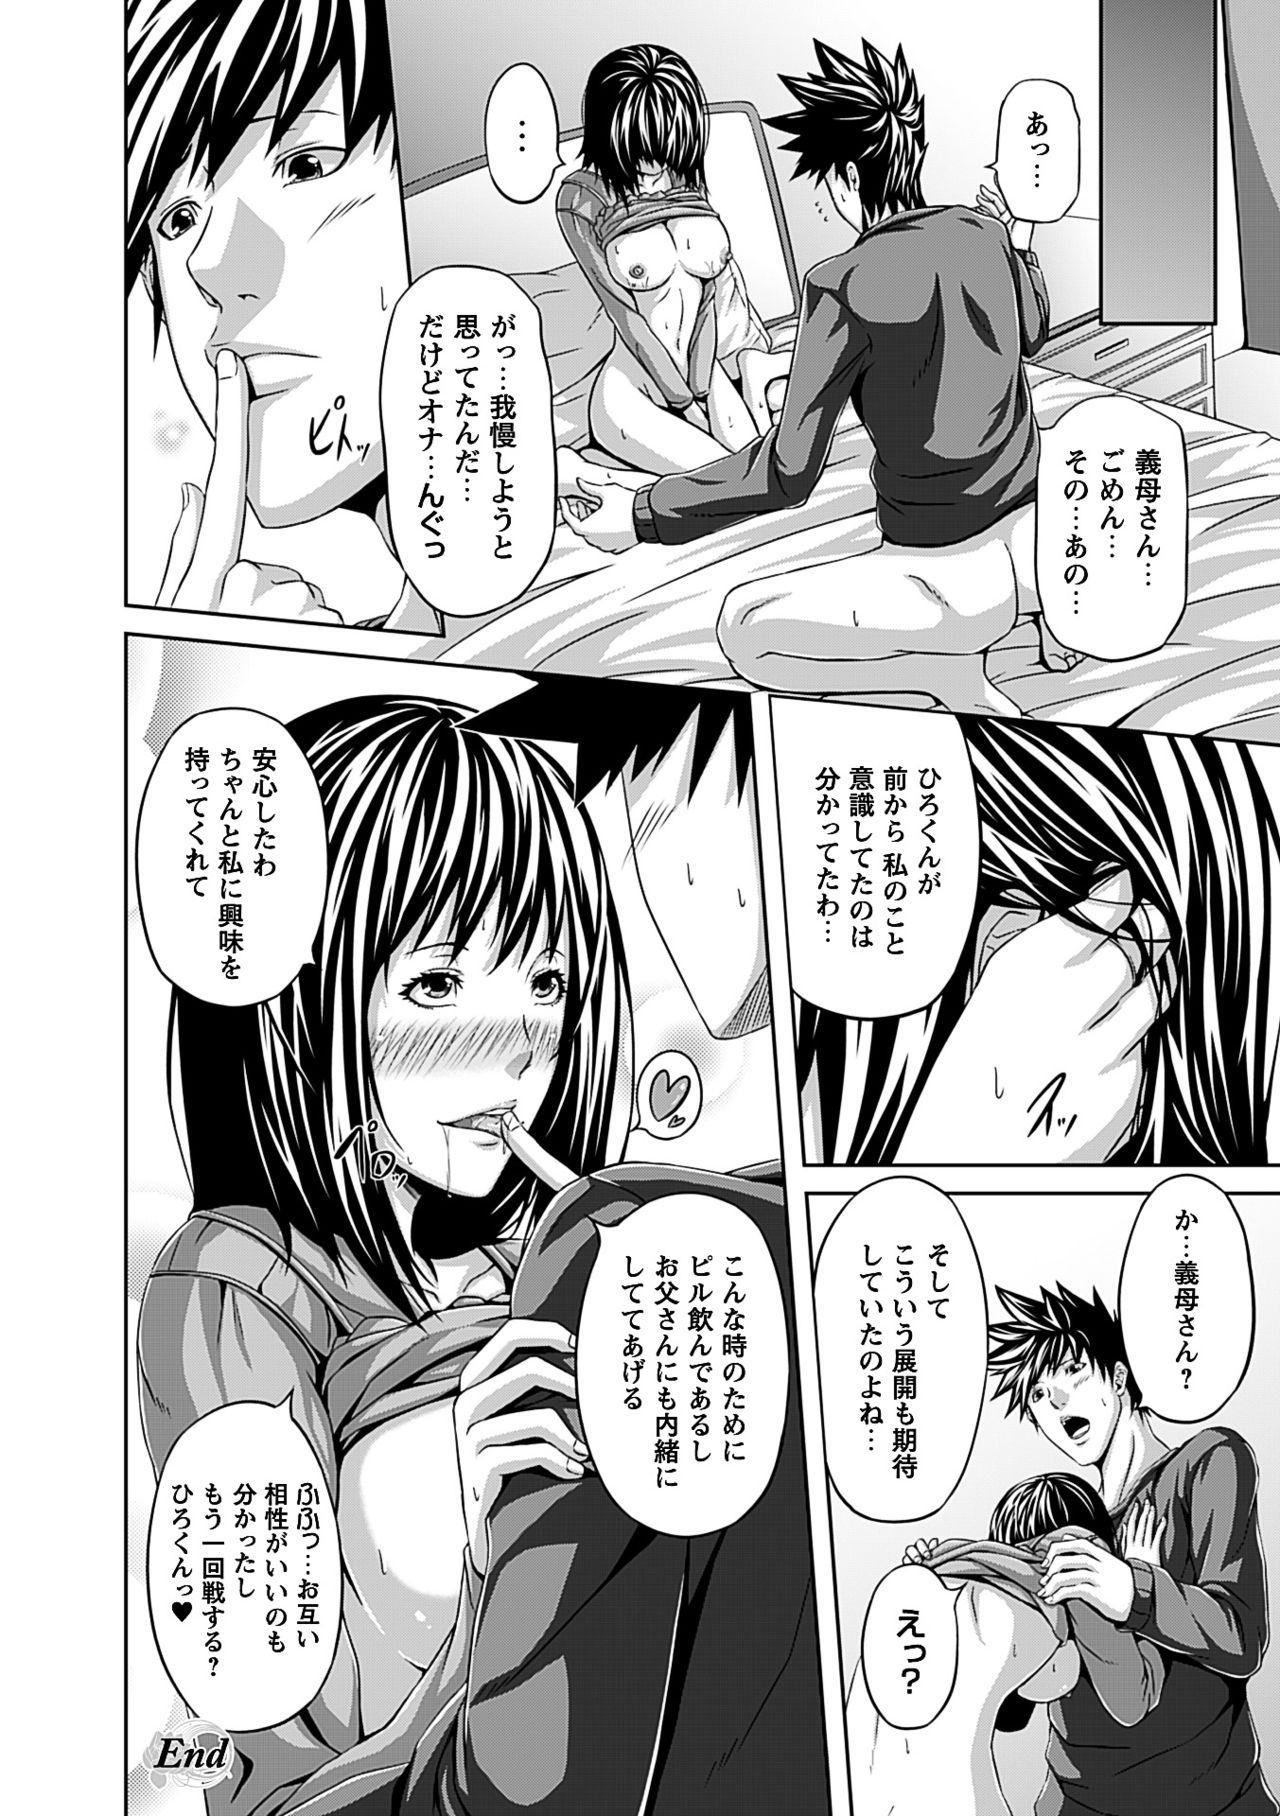 Mesu Hana ga Ochiru Toki - Maidenly Bloom Fallen 175